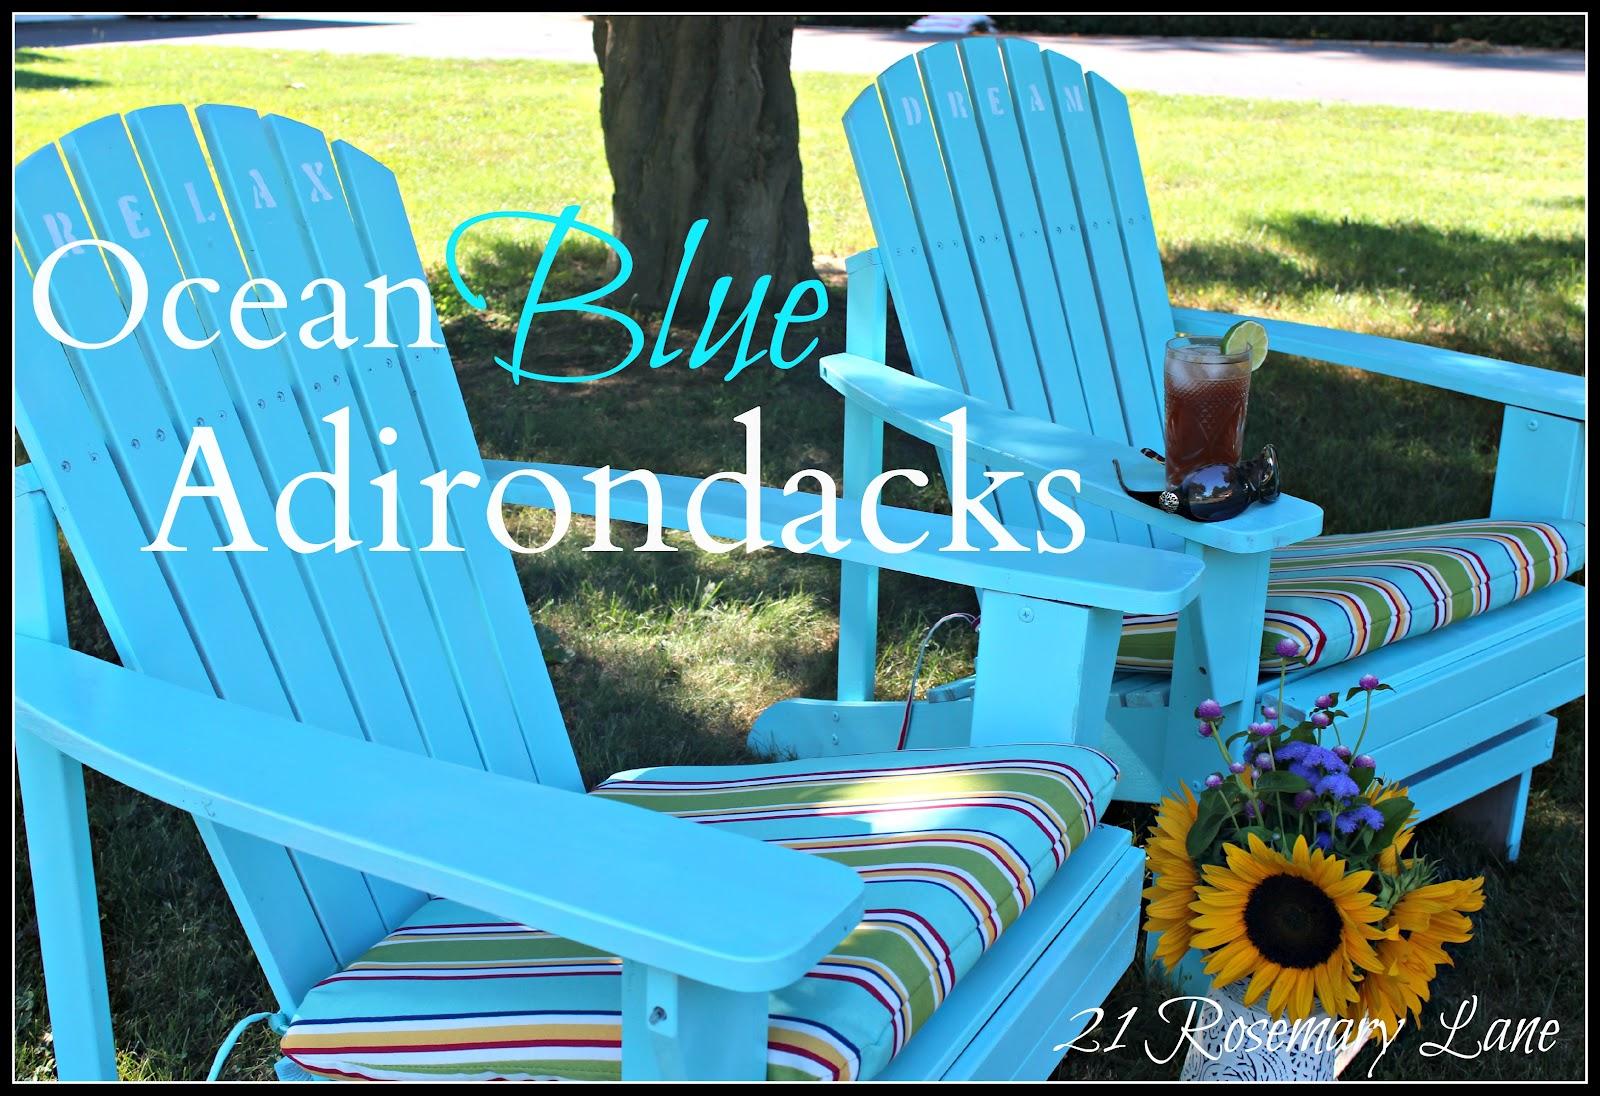 My Freshly Painted Adirondack Chairs